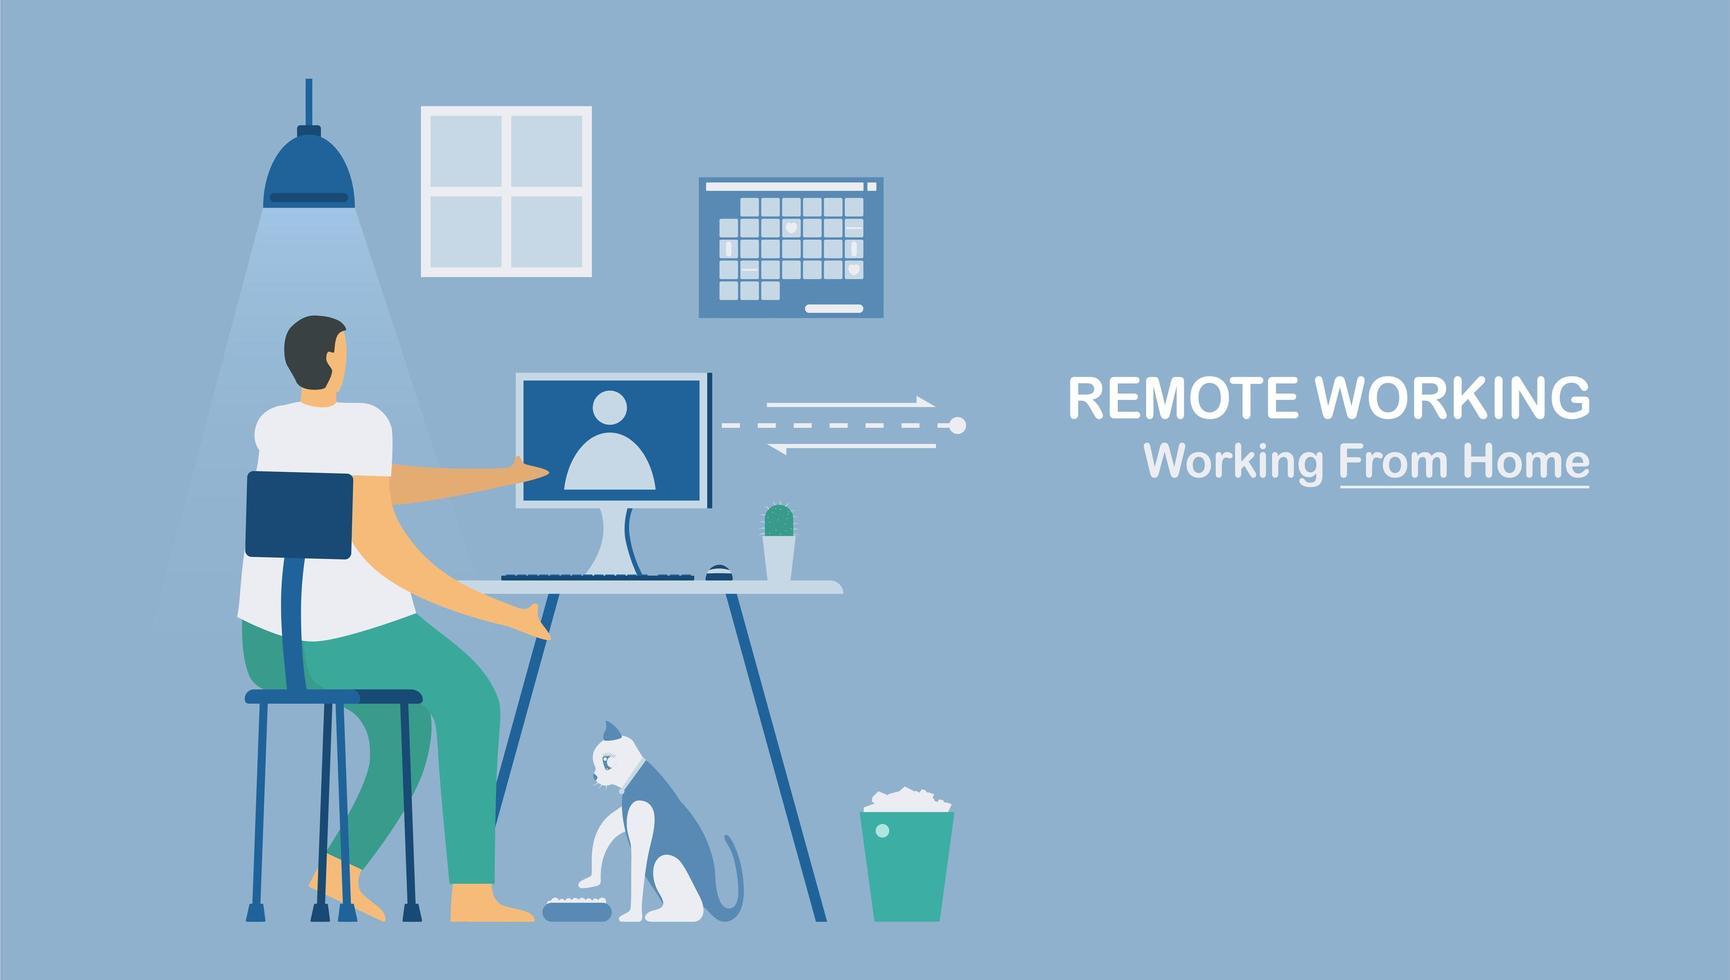 werken op afstand of thuis werken om het nieuwe coronavirus te beschermen vector